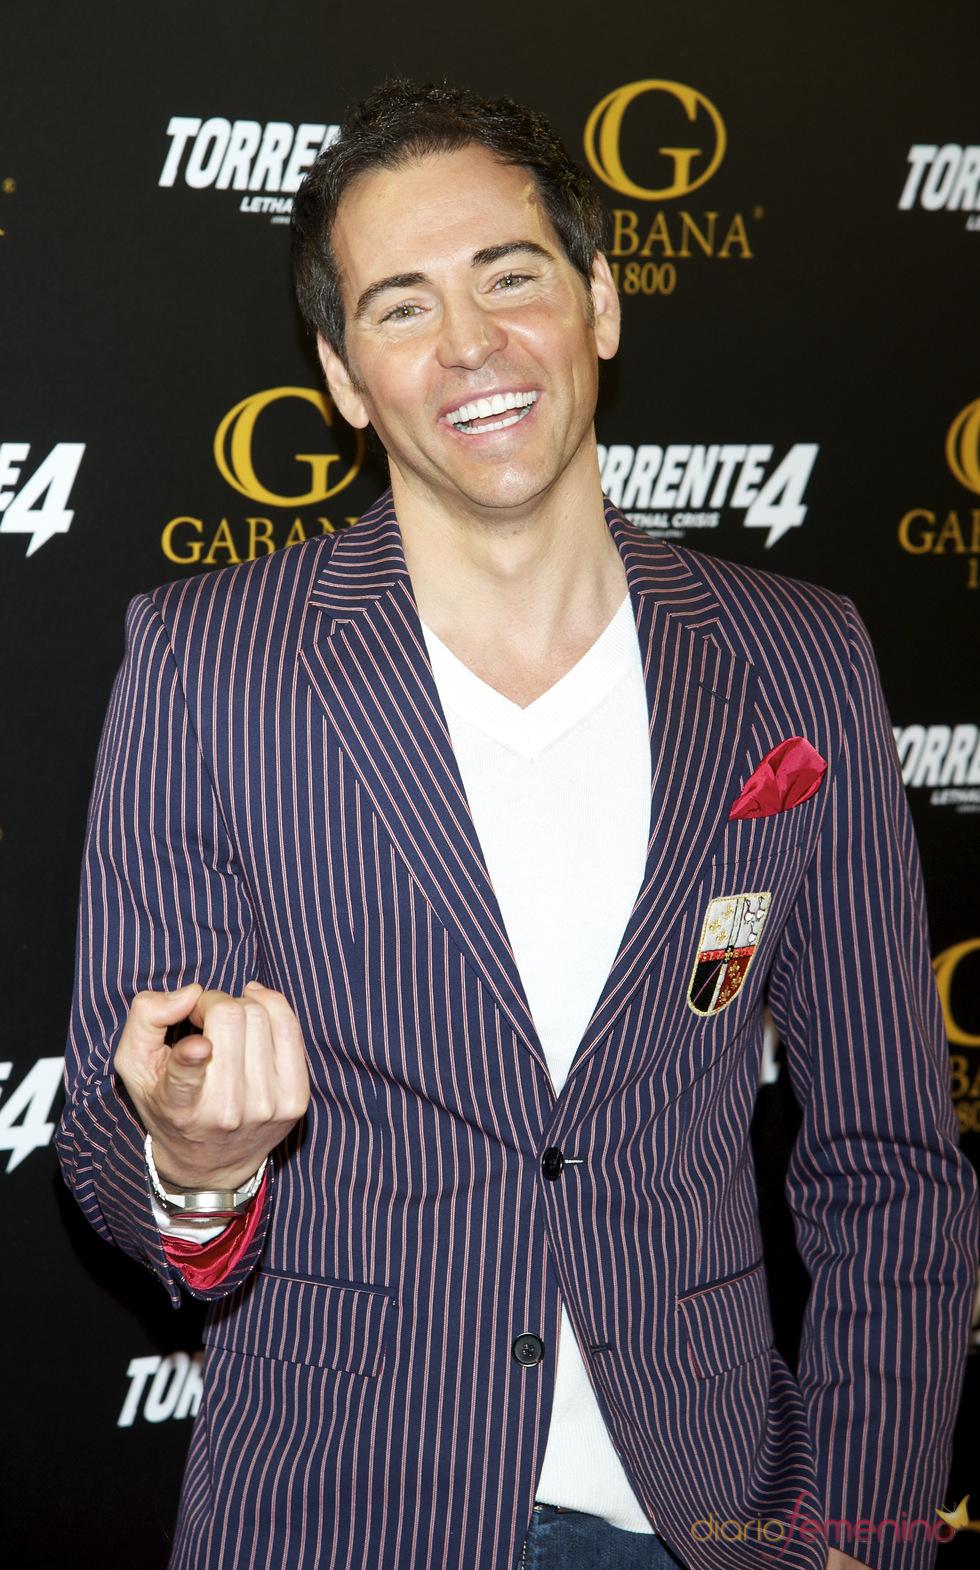 David Meca en el estreno de 'Torrente 4: lethal crisis'